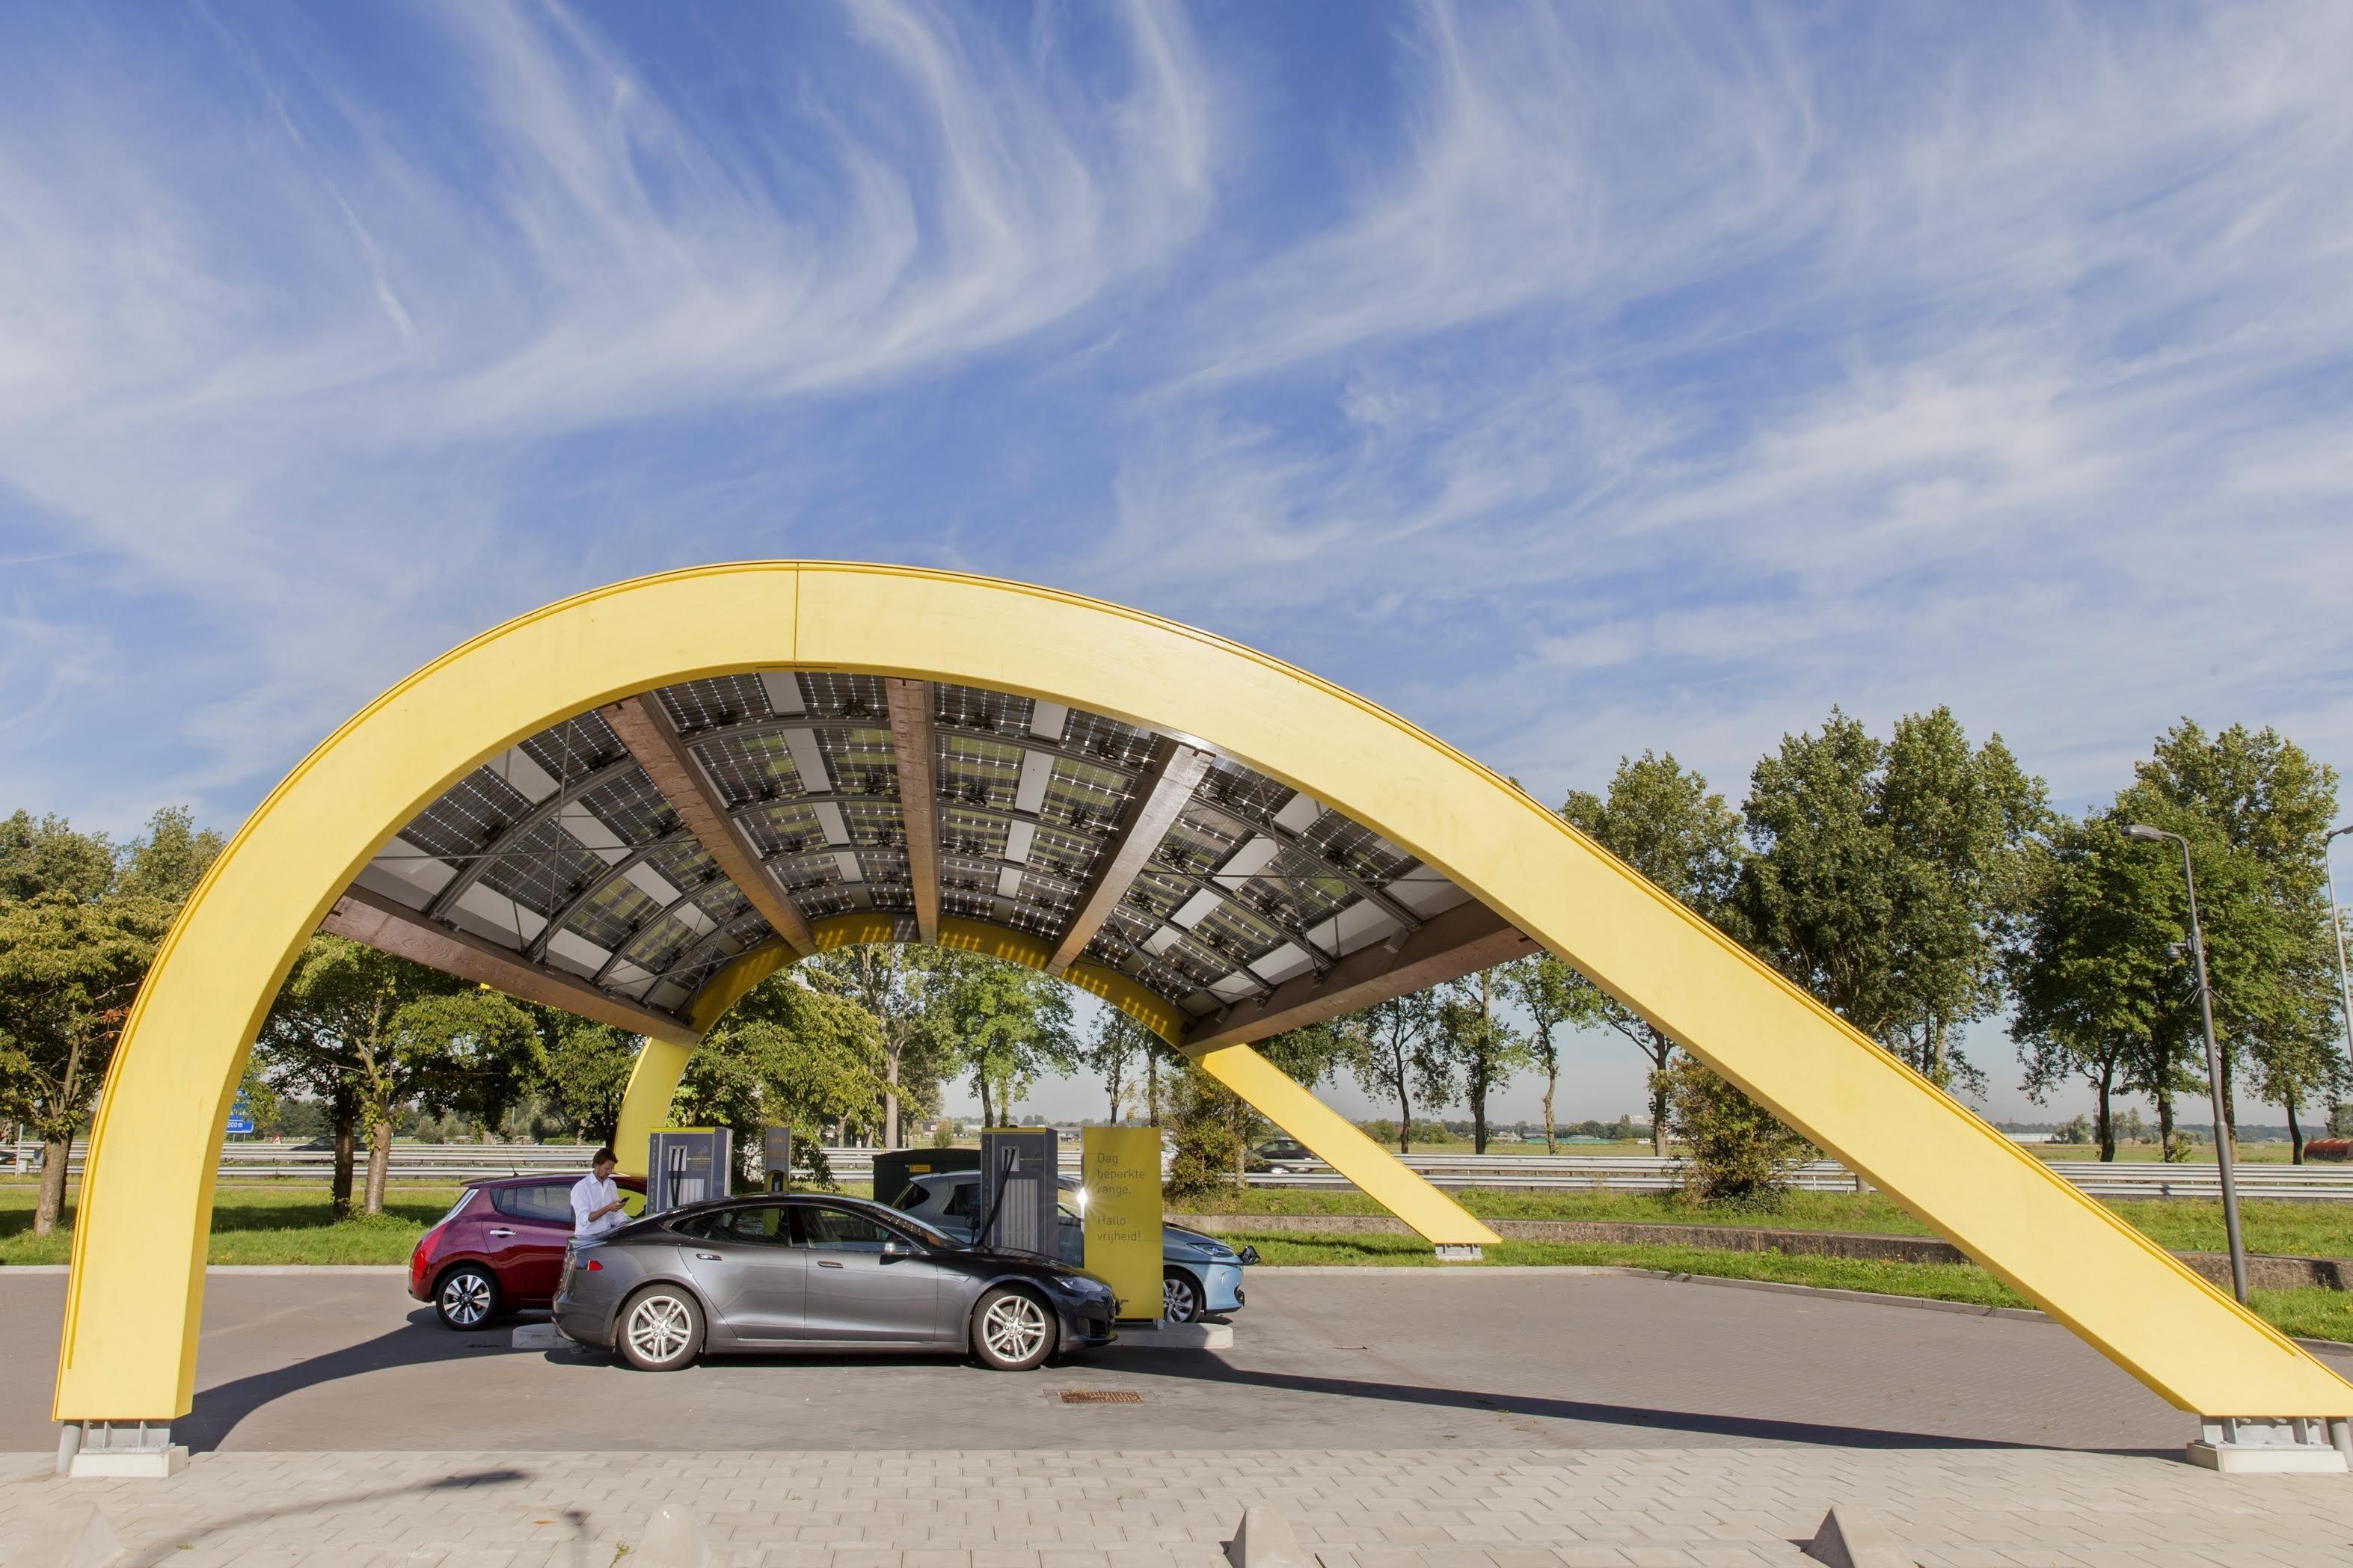 Fastned wint rechtszaak om beheer laadpalen bij A4-brugrestaurant